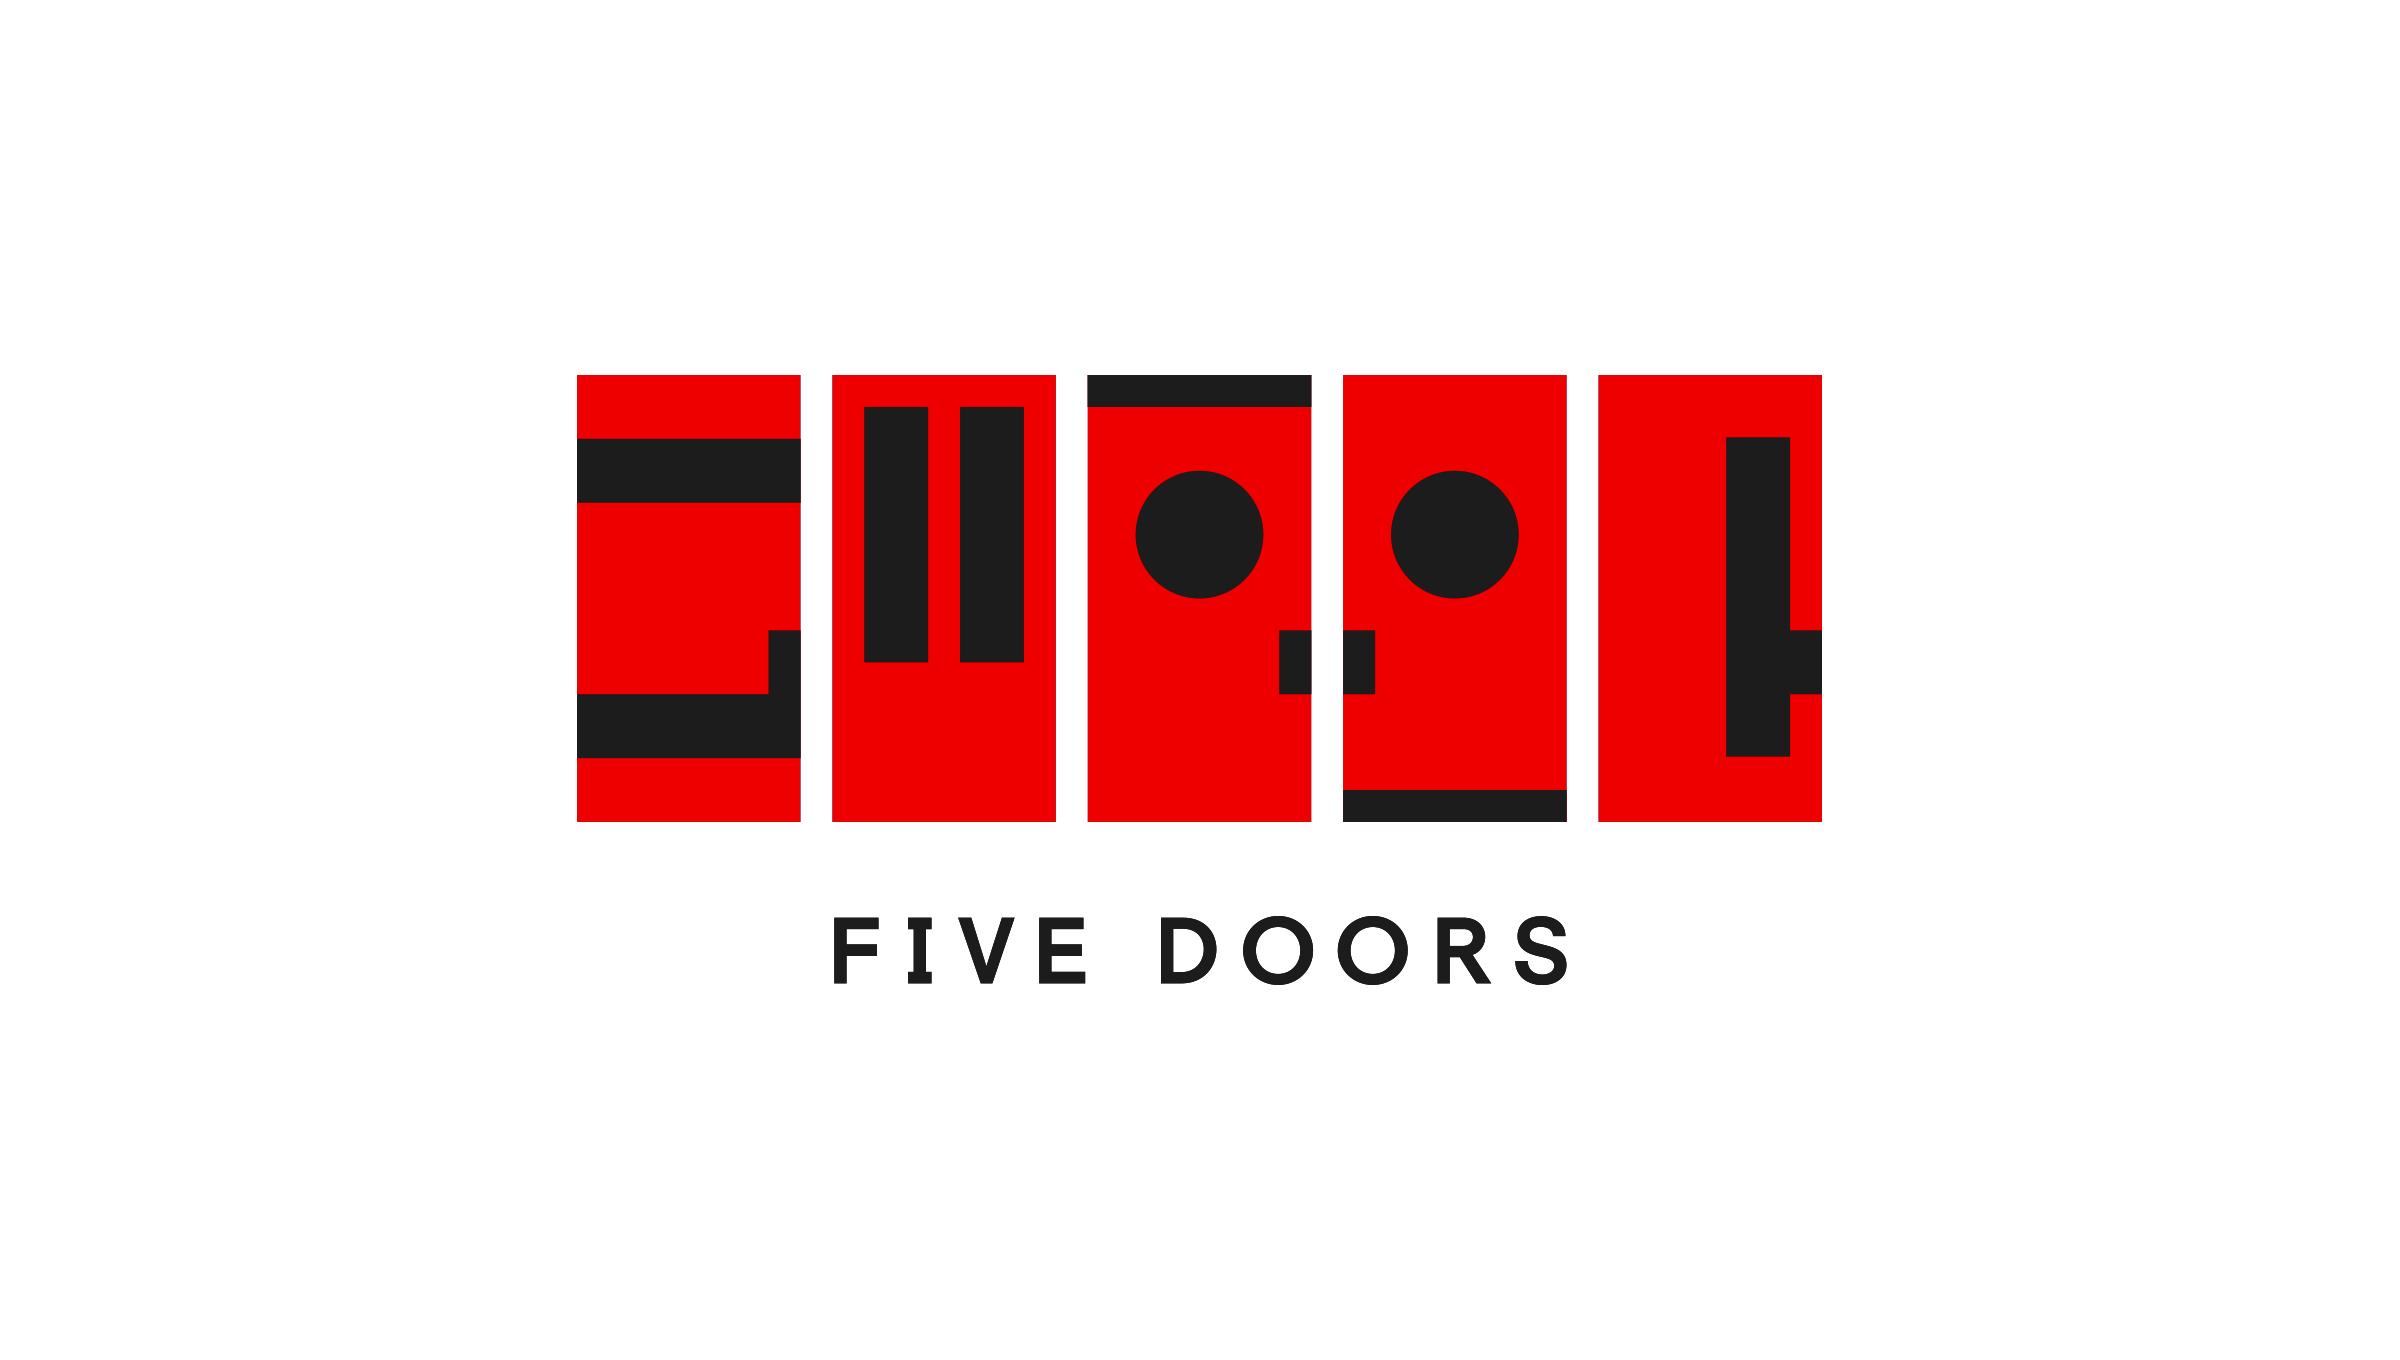 fivedoors red.jpg